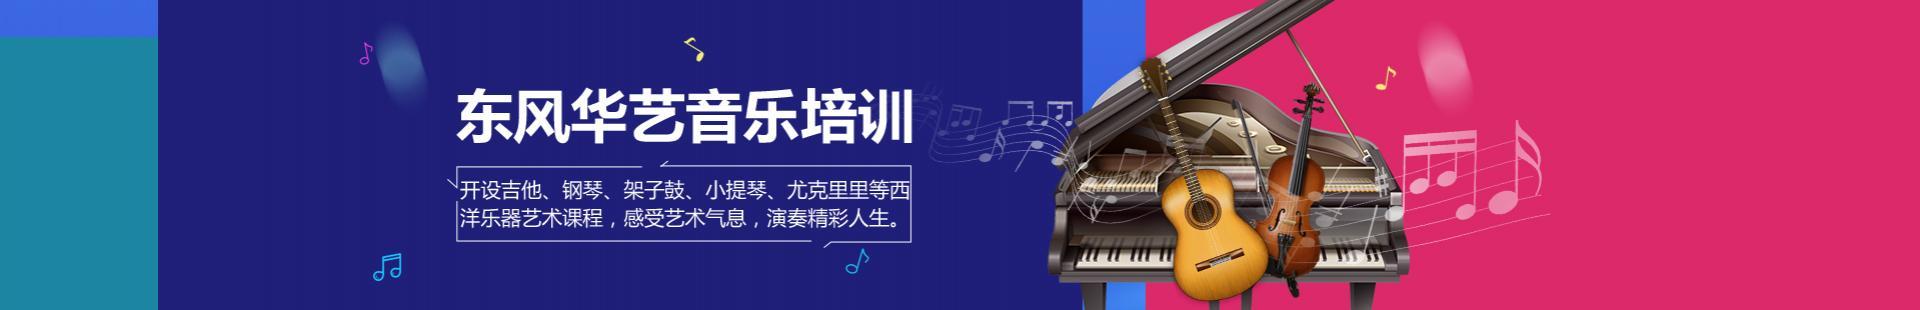 深圳东风华艺文化传播